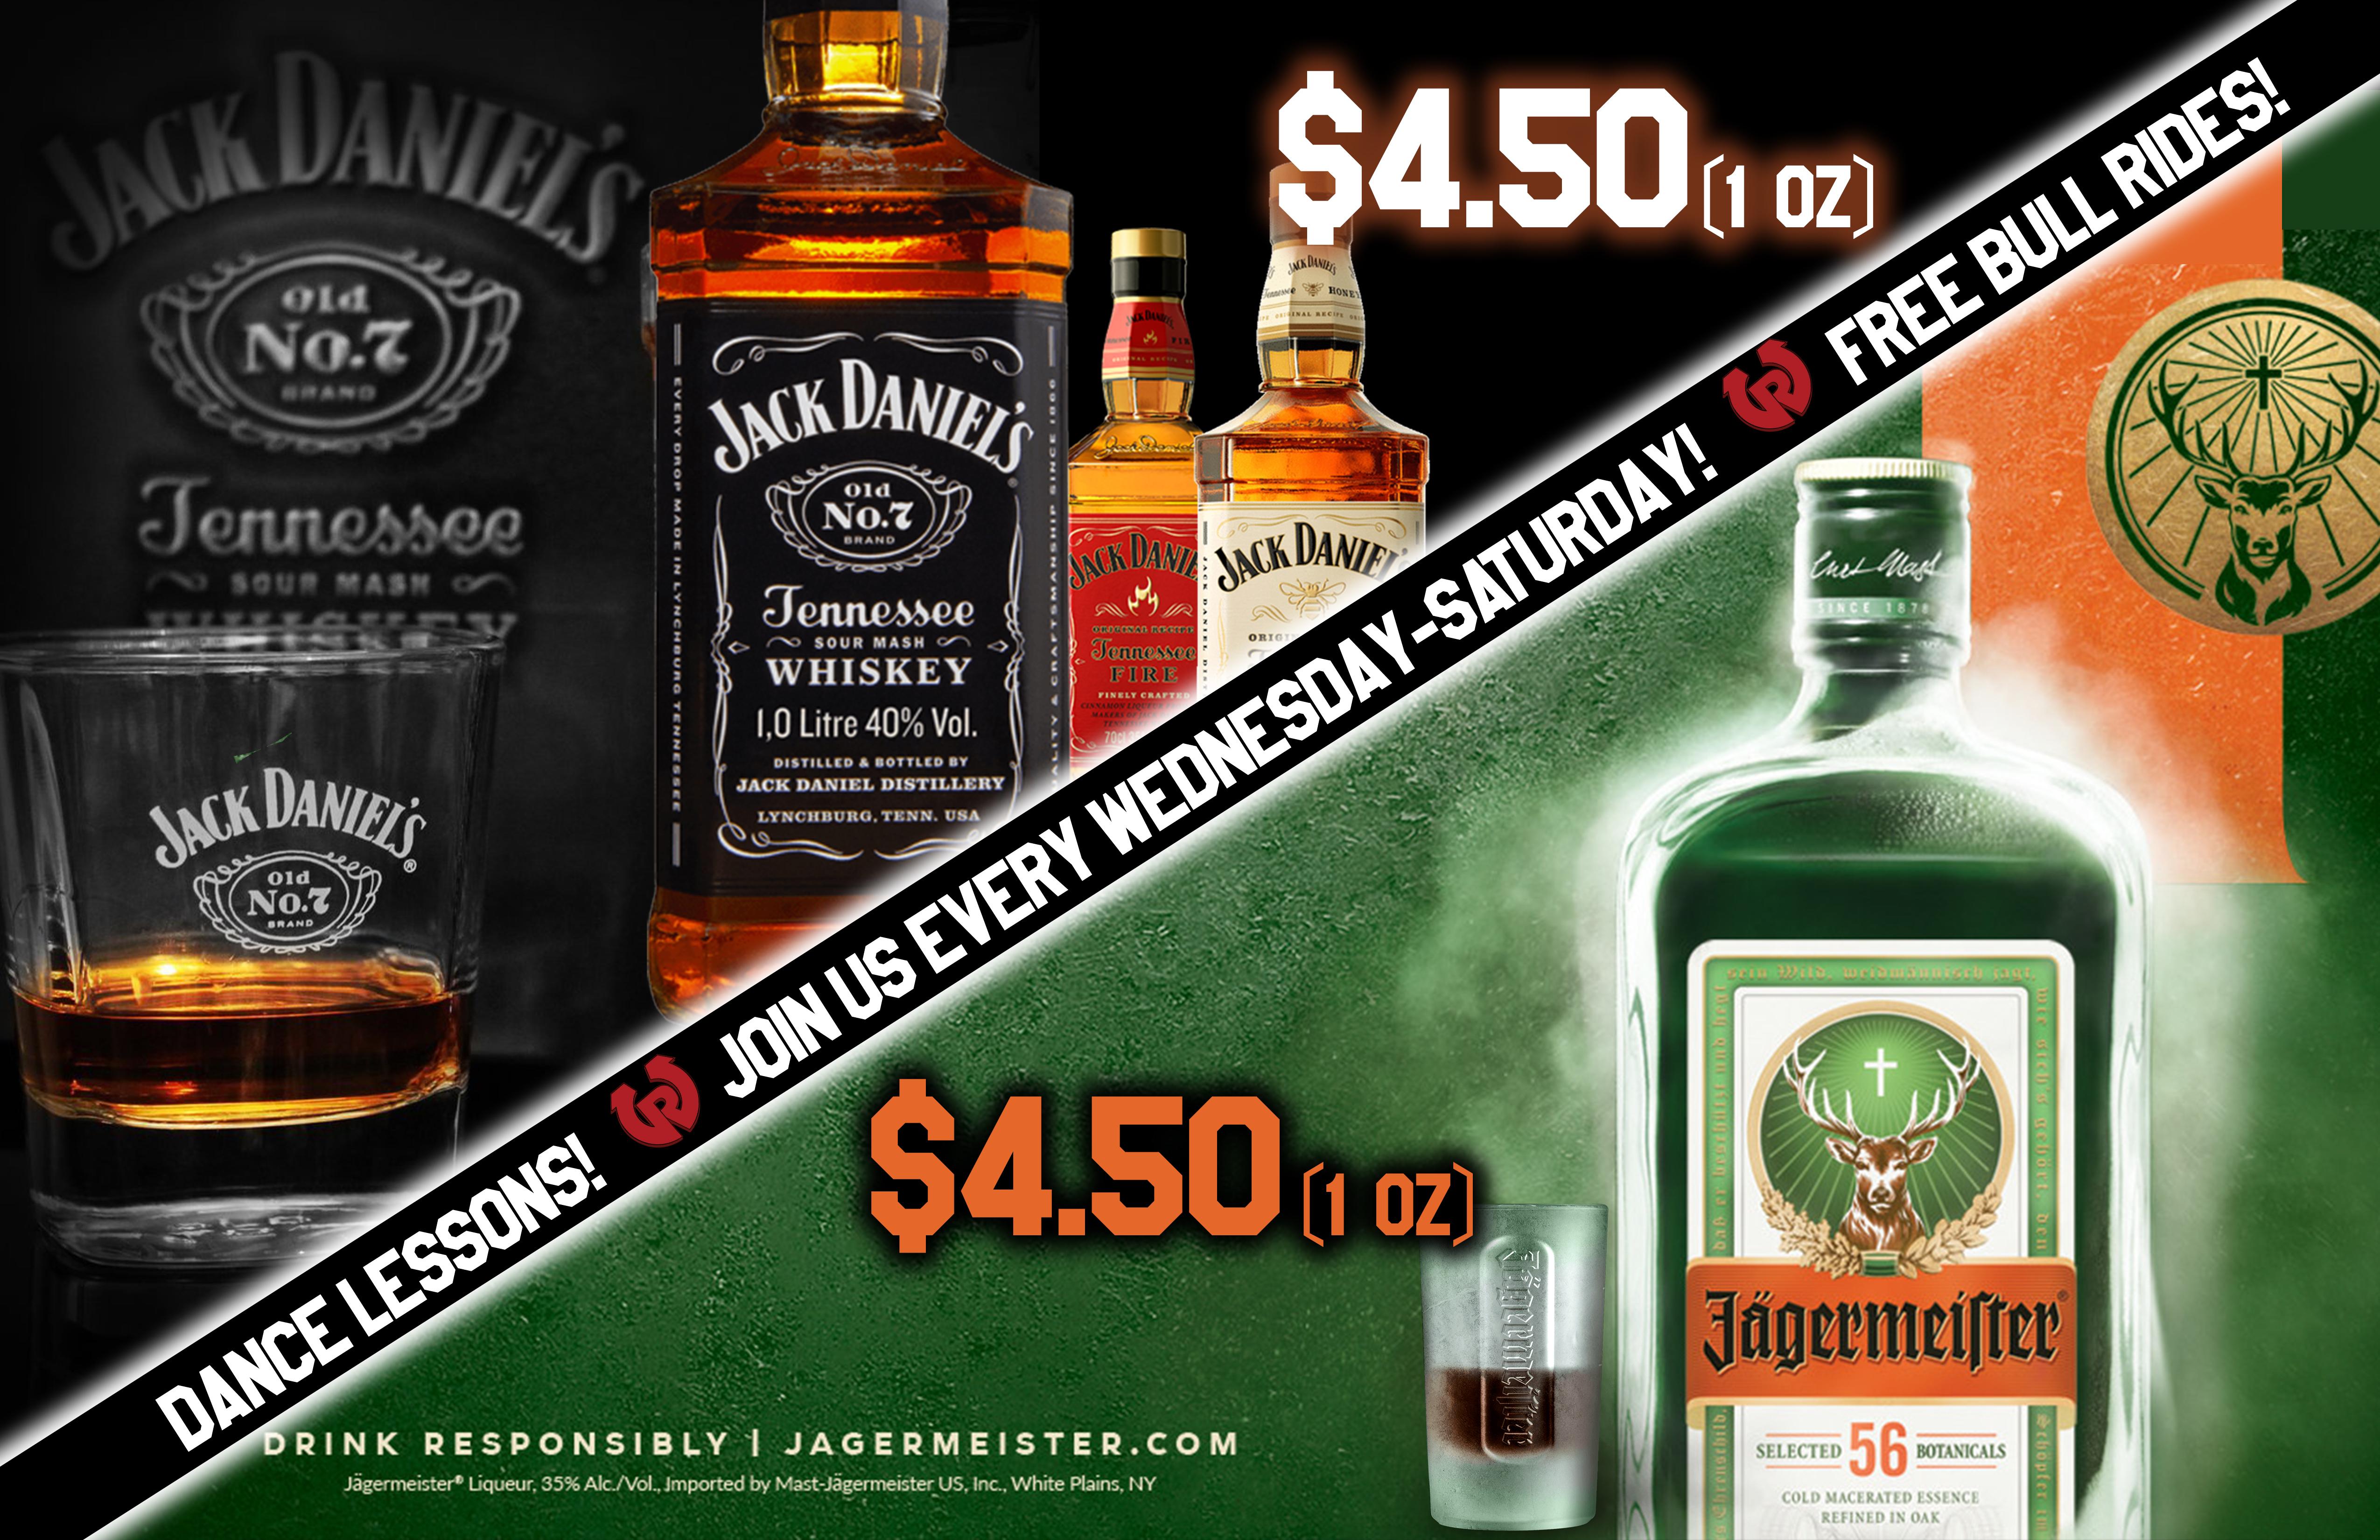 Jager-Jack specials